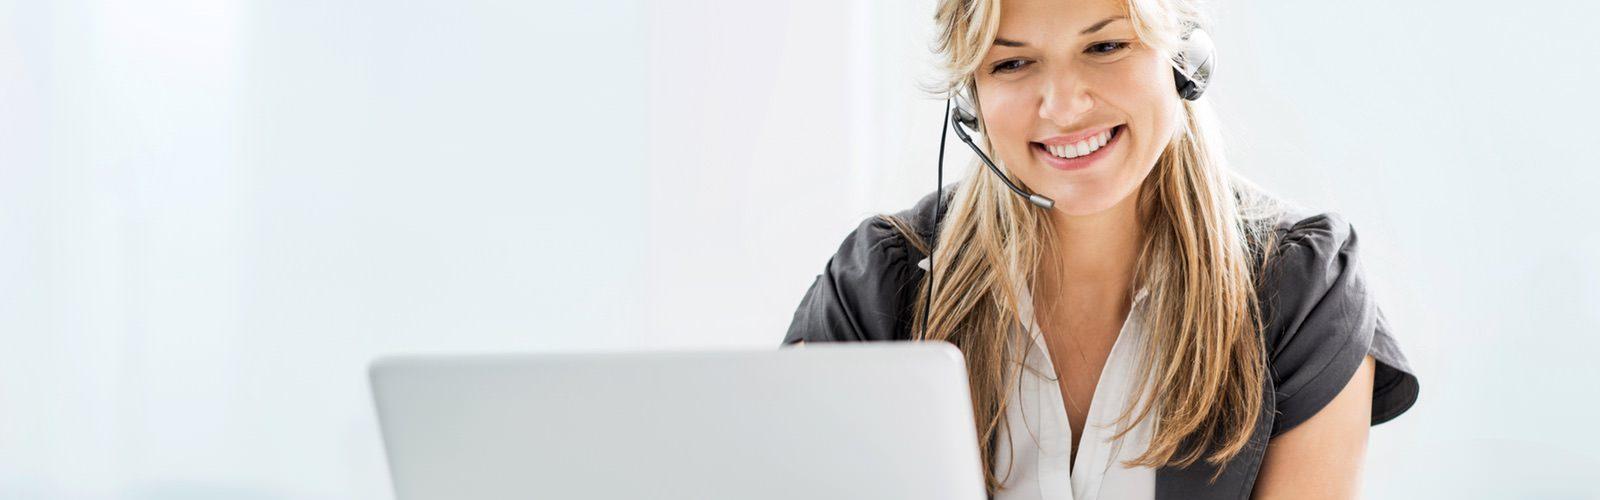 Telefonistin mit Headset sitzt an einem Computer.